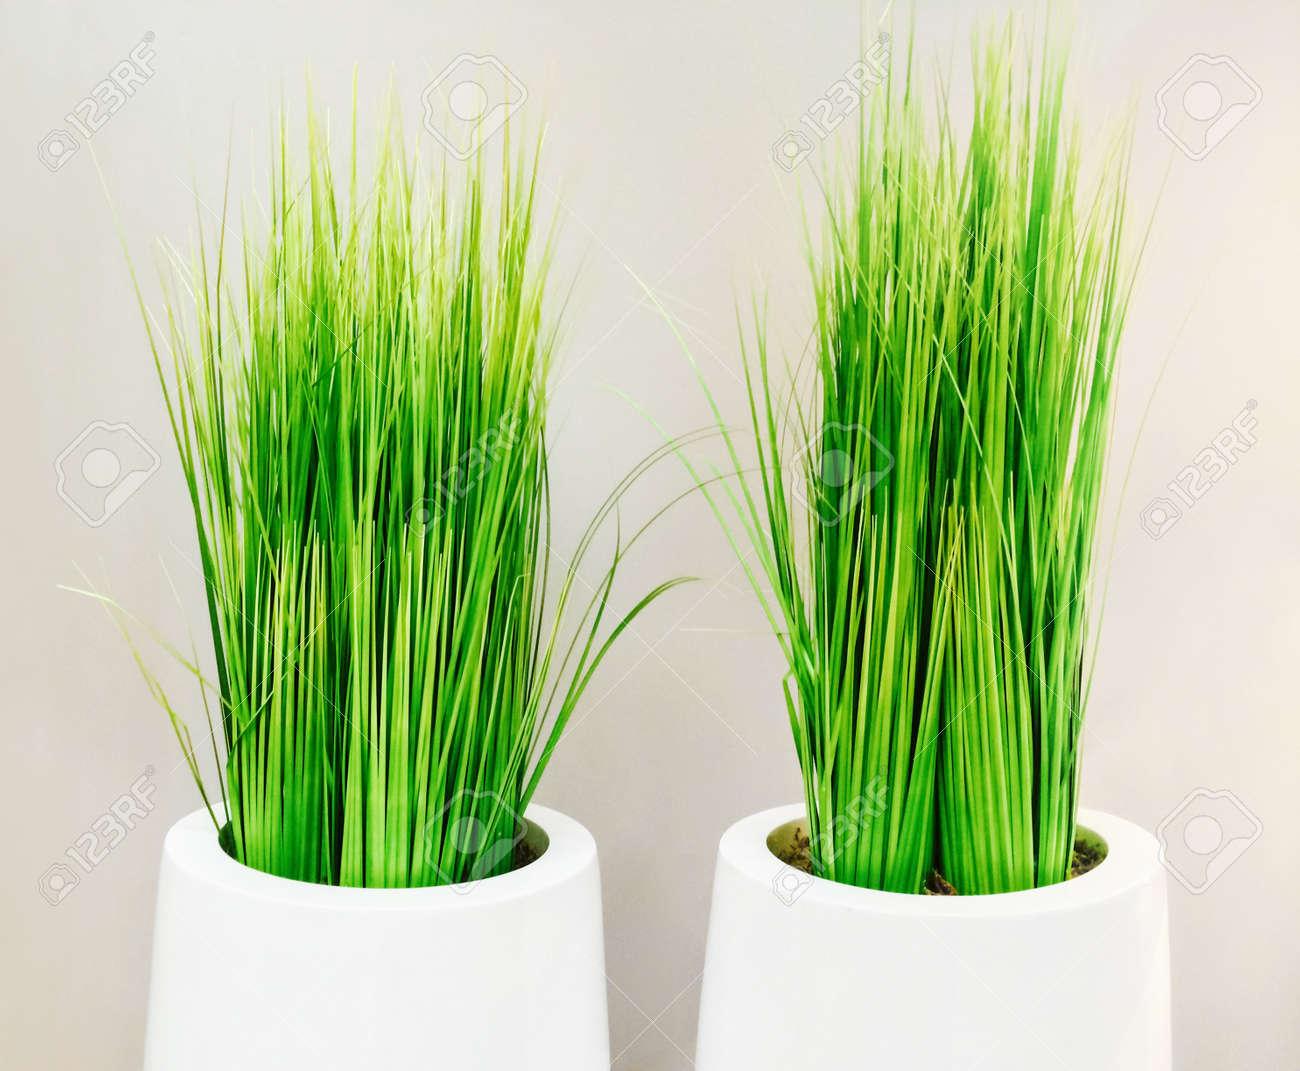 Dekorative Grüne Gras In Weiße Vasen. Moderne Wohnkultur ...